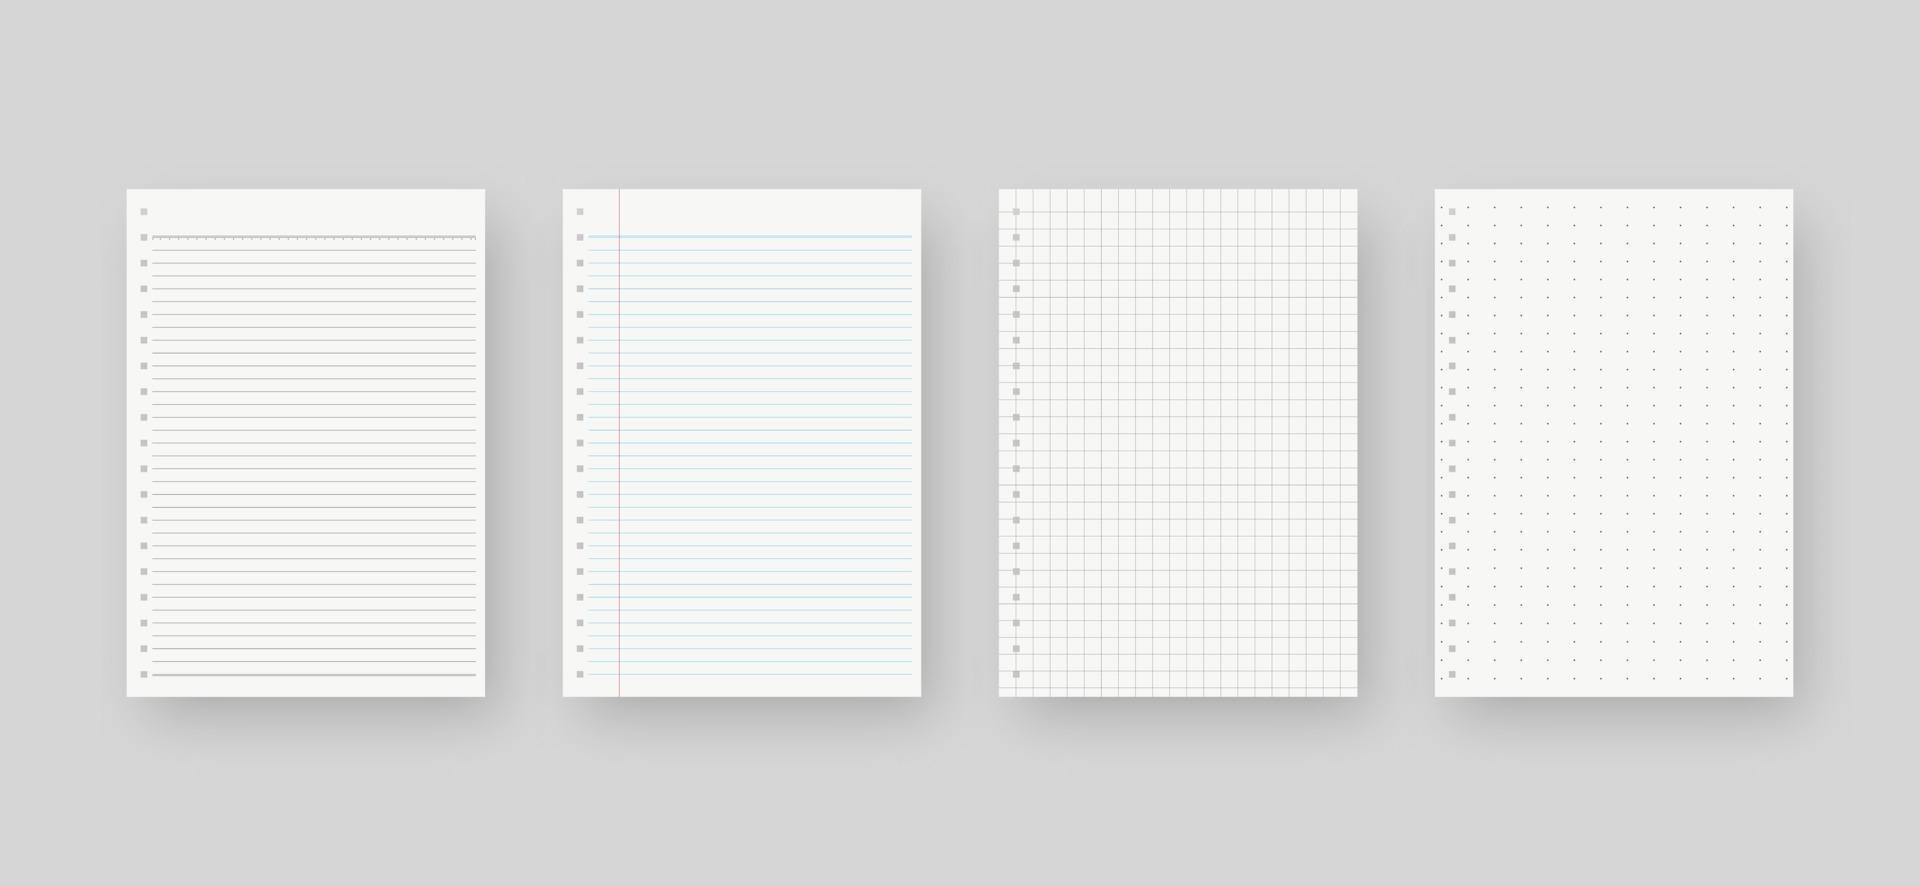 anteckningsbok pappersuppsättning. ark med fodrad pappersmall. mockup isolerad. mall design. realistisk vektorillustration. vektor